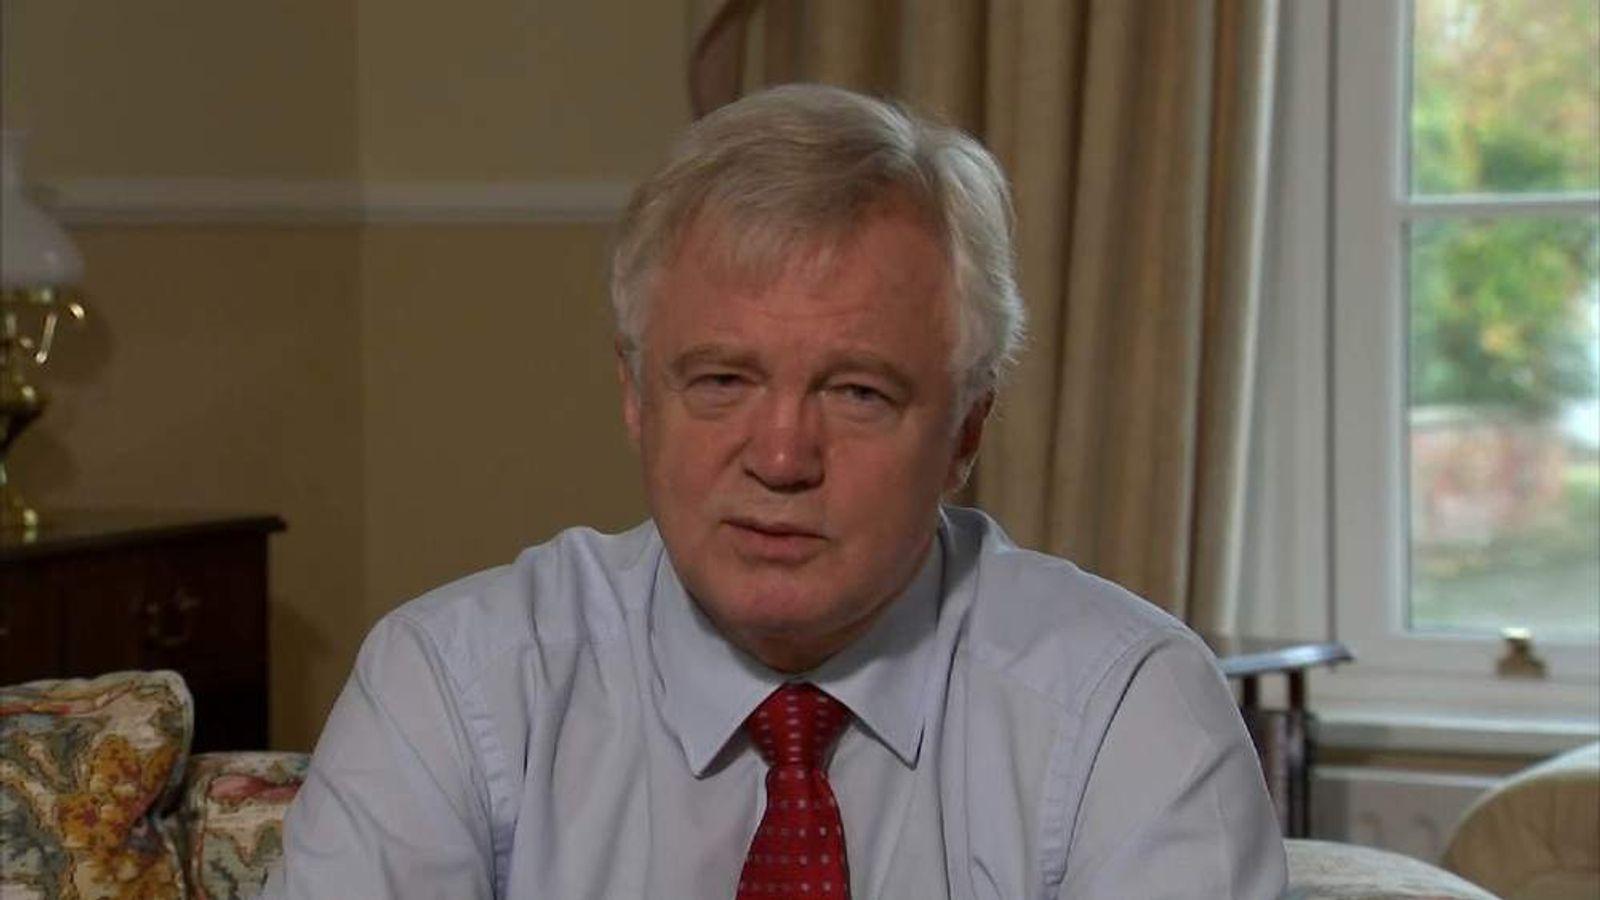 David Davis, the former shadow home secretary